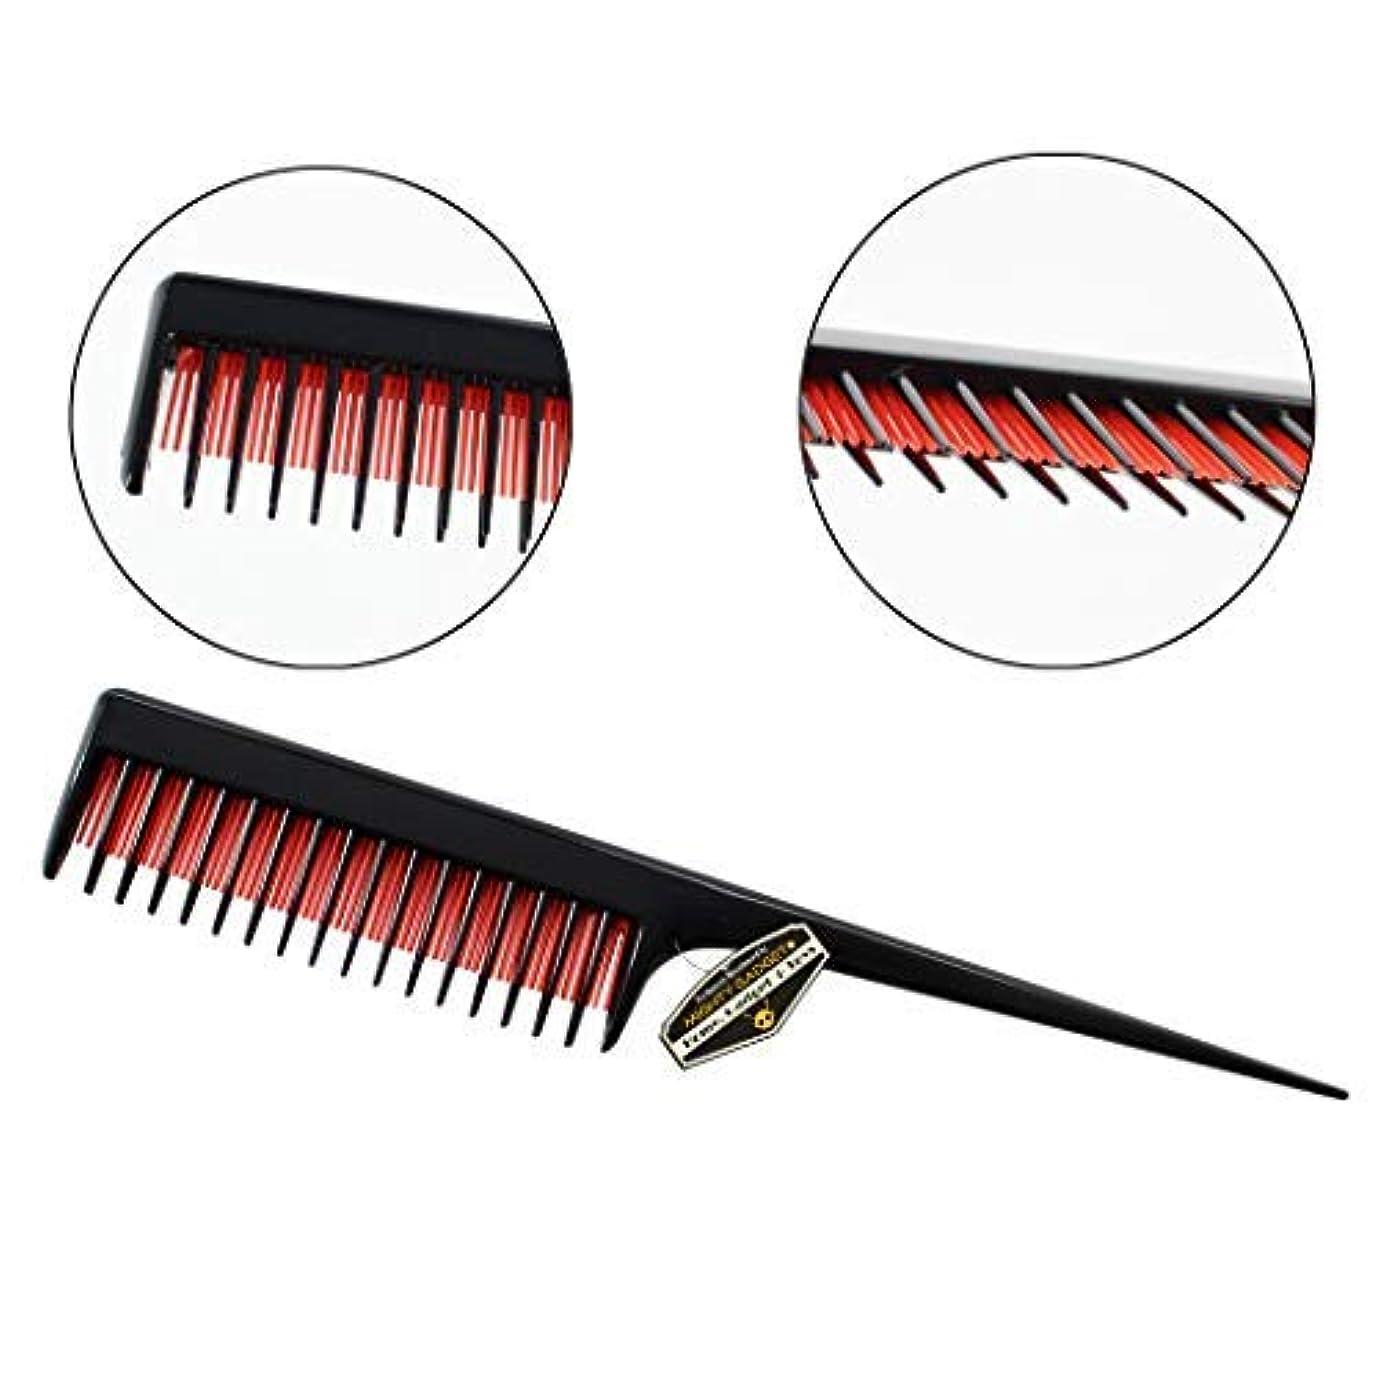 説教に対応簡単にMighty Gadget 8 inch Teasing Comb - Rat Tail Comb for Back Combing, Root Teasing, Adding Volume, Evening Styling...